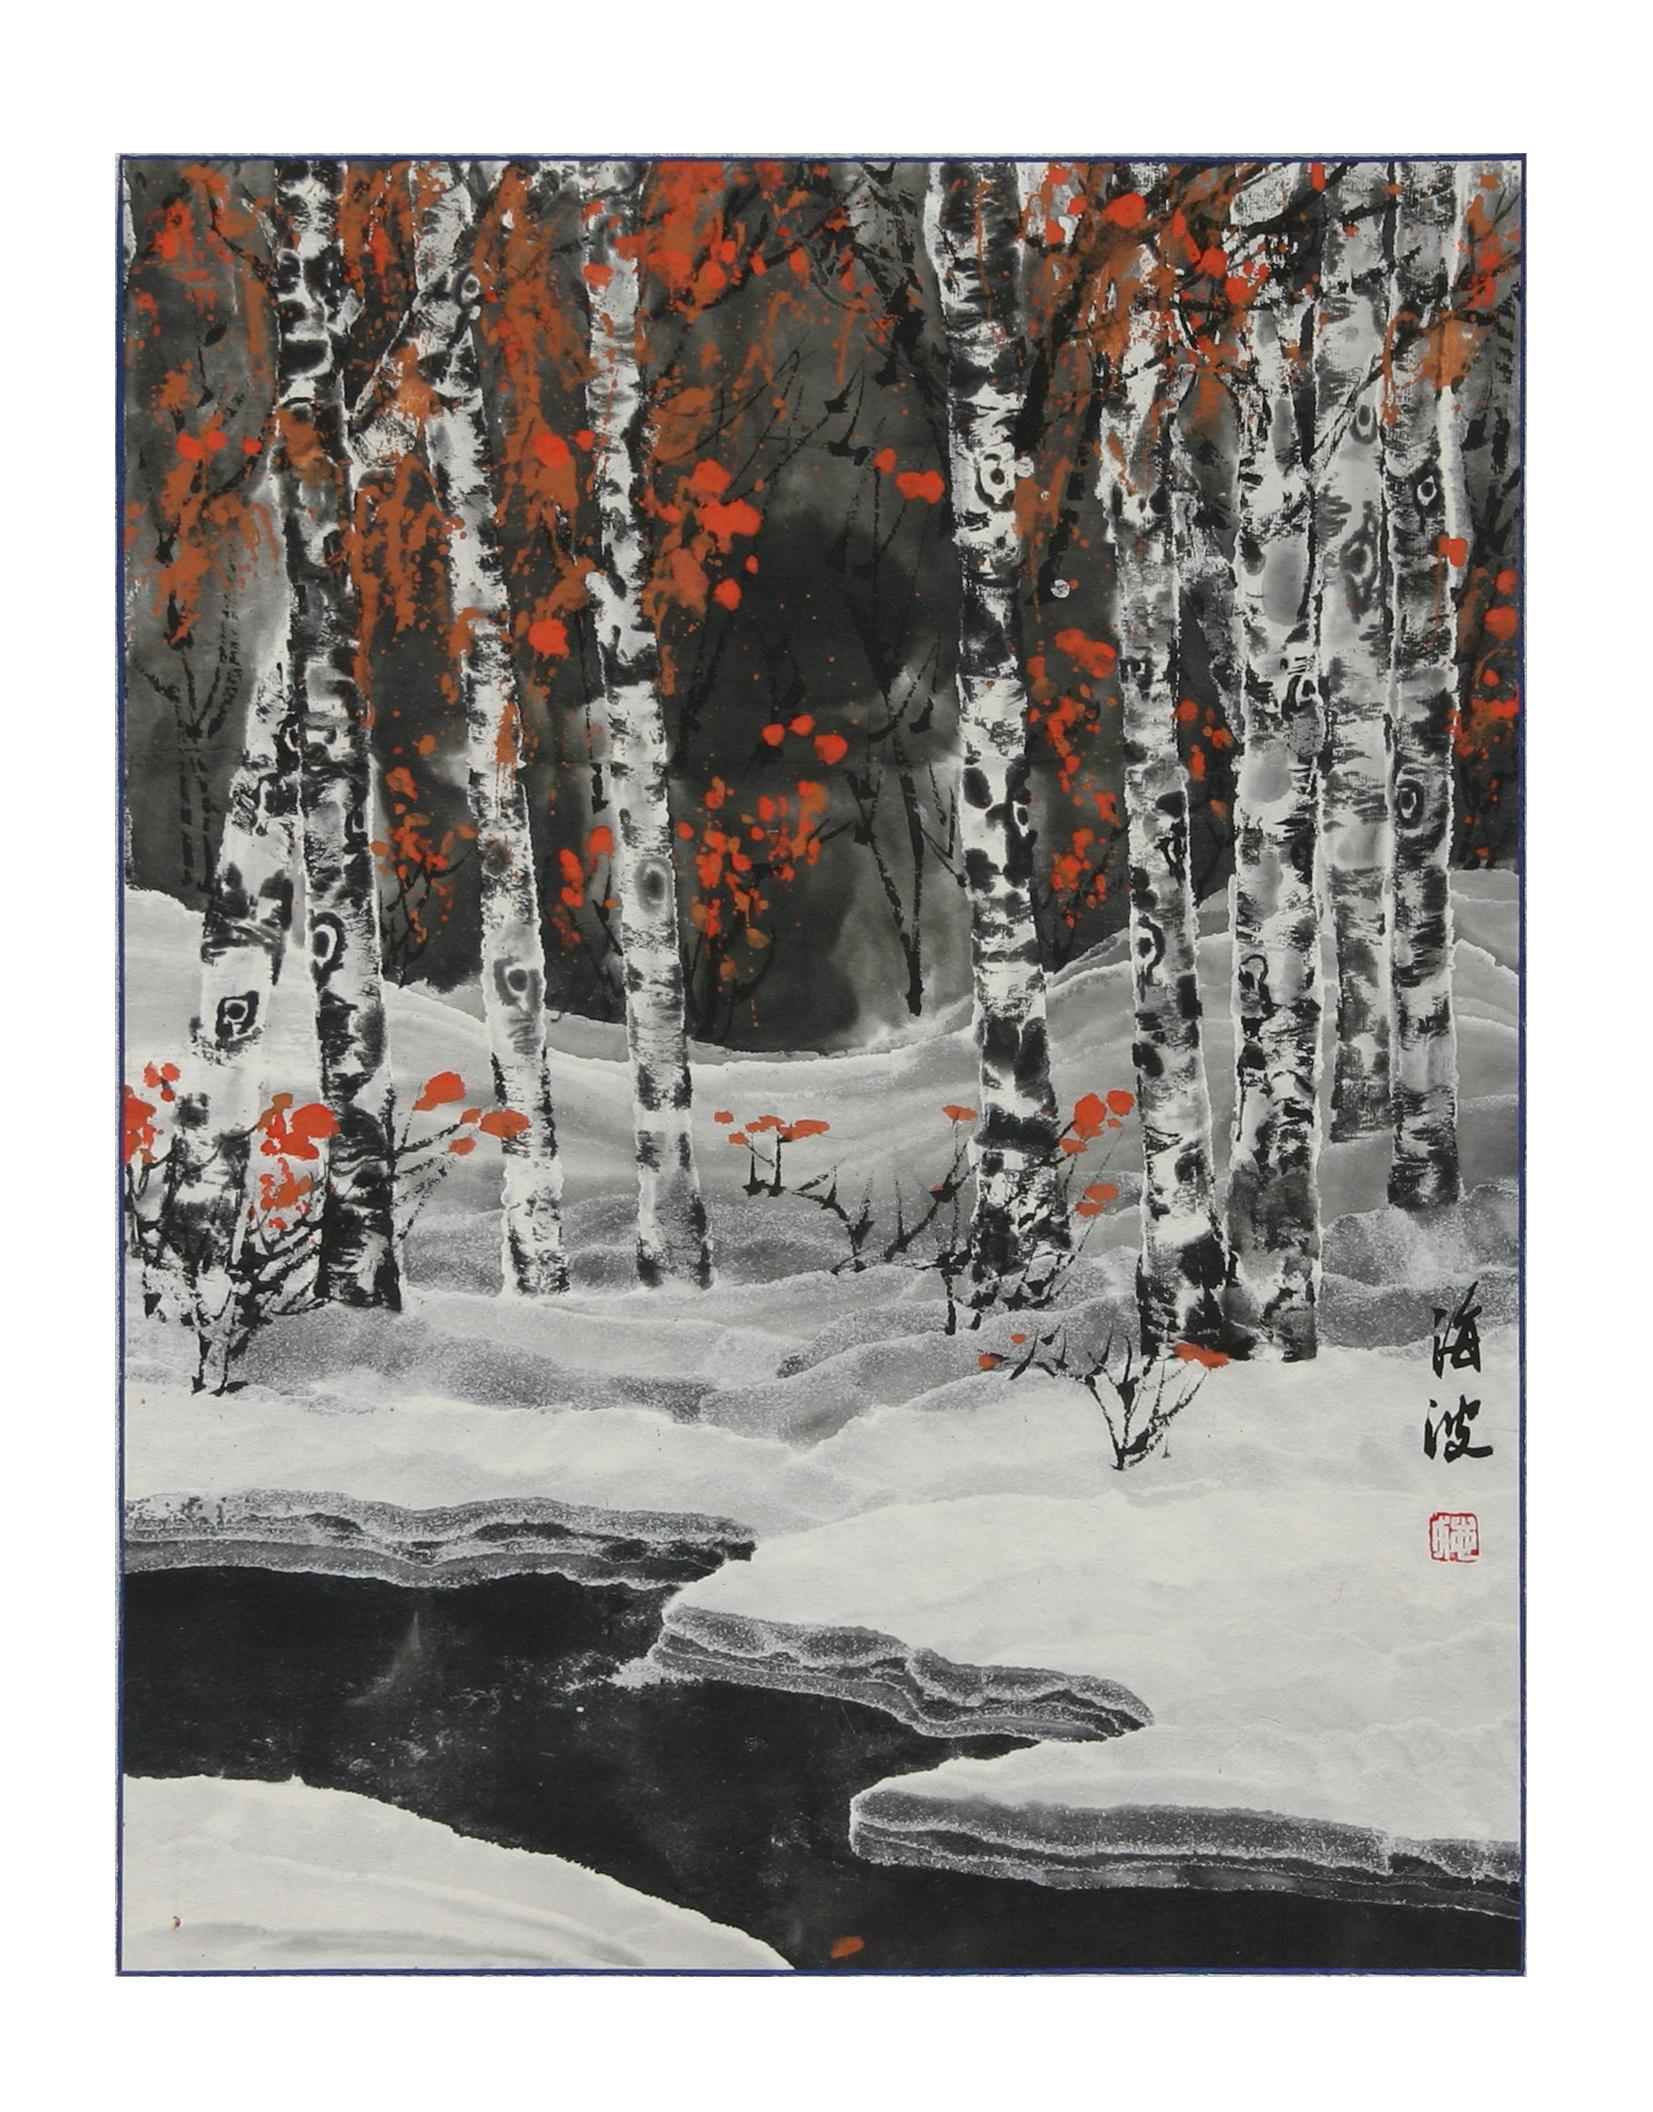 教师画《冰雪白桦林》